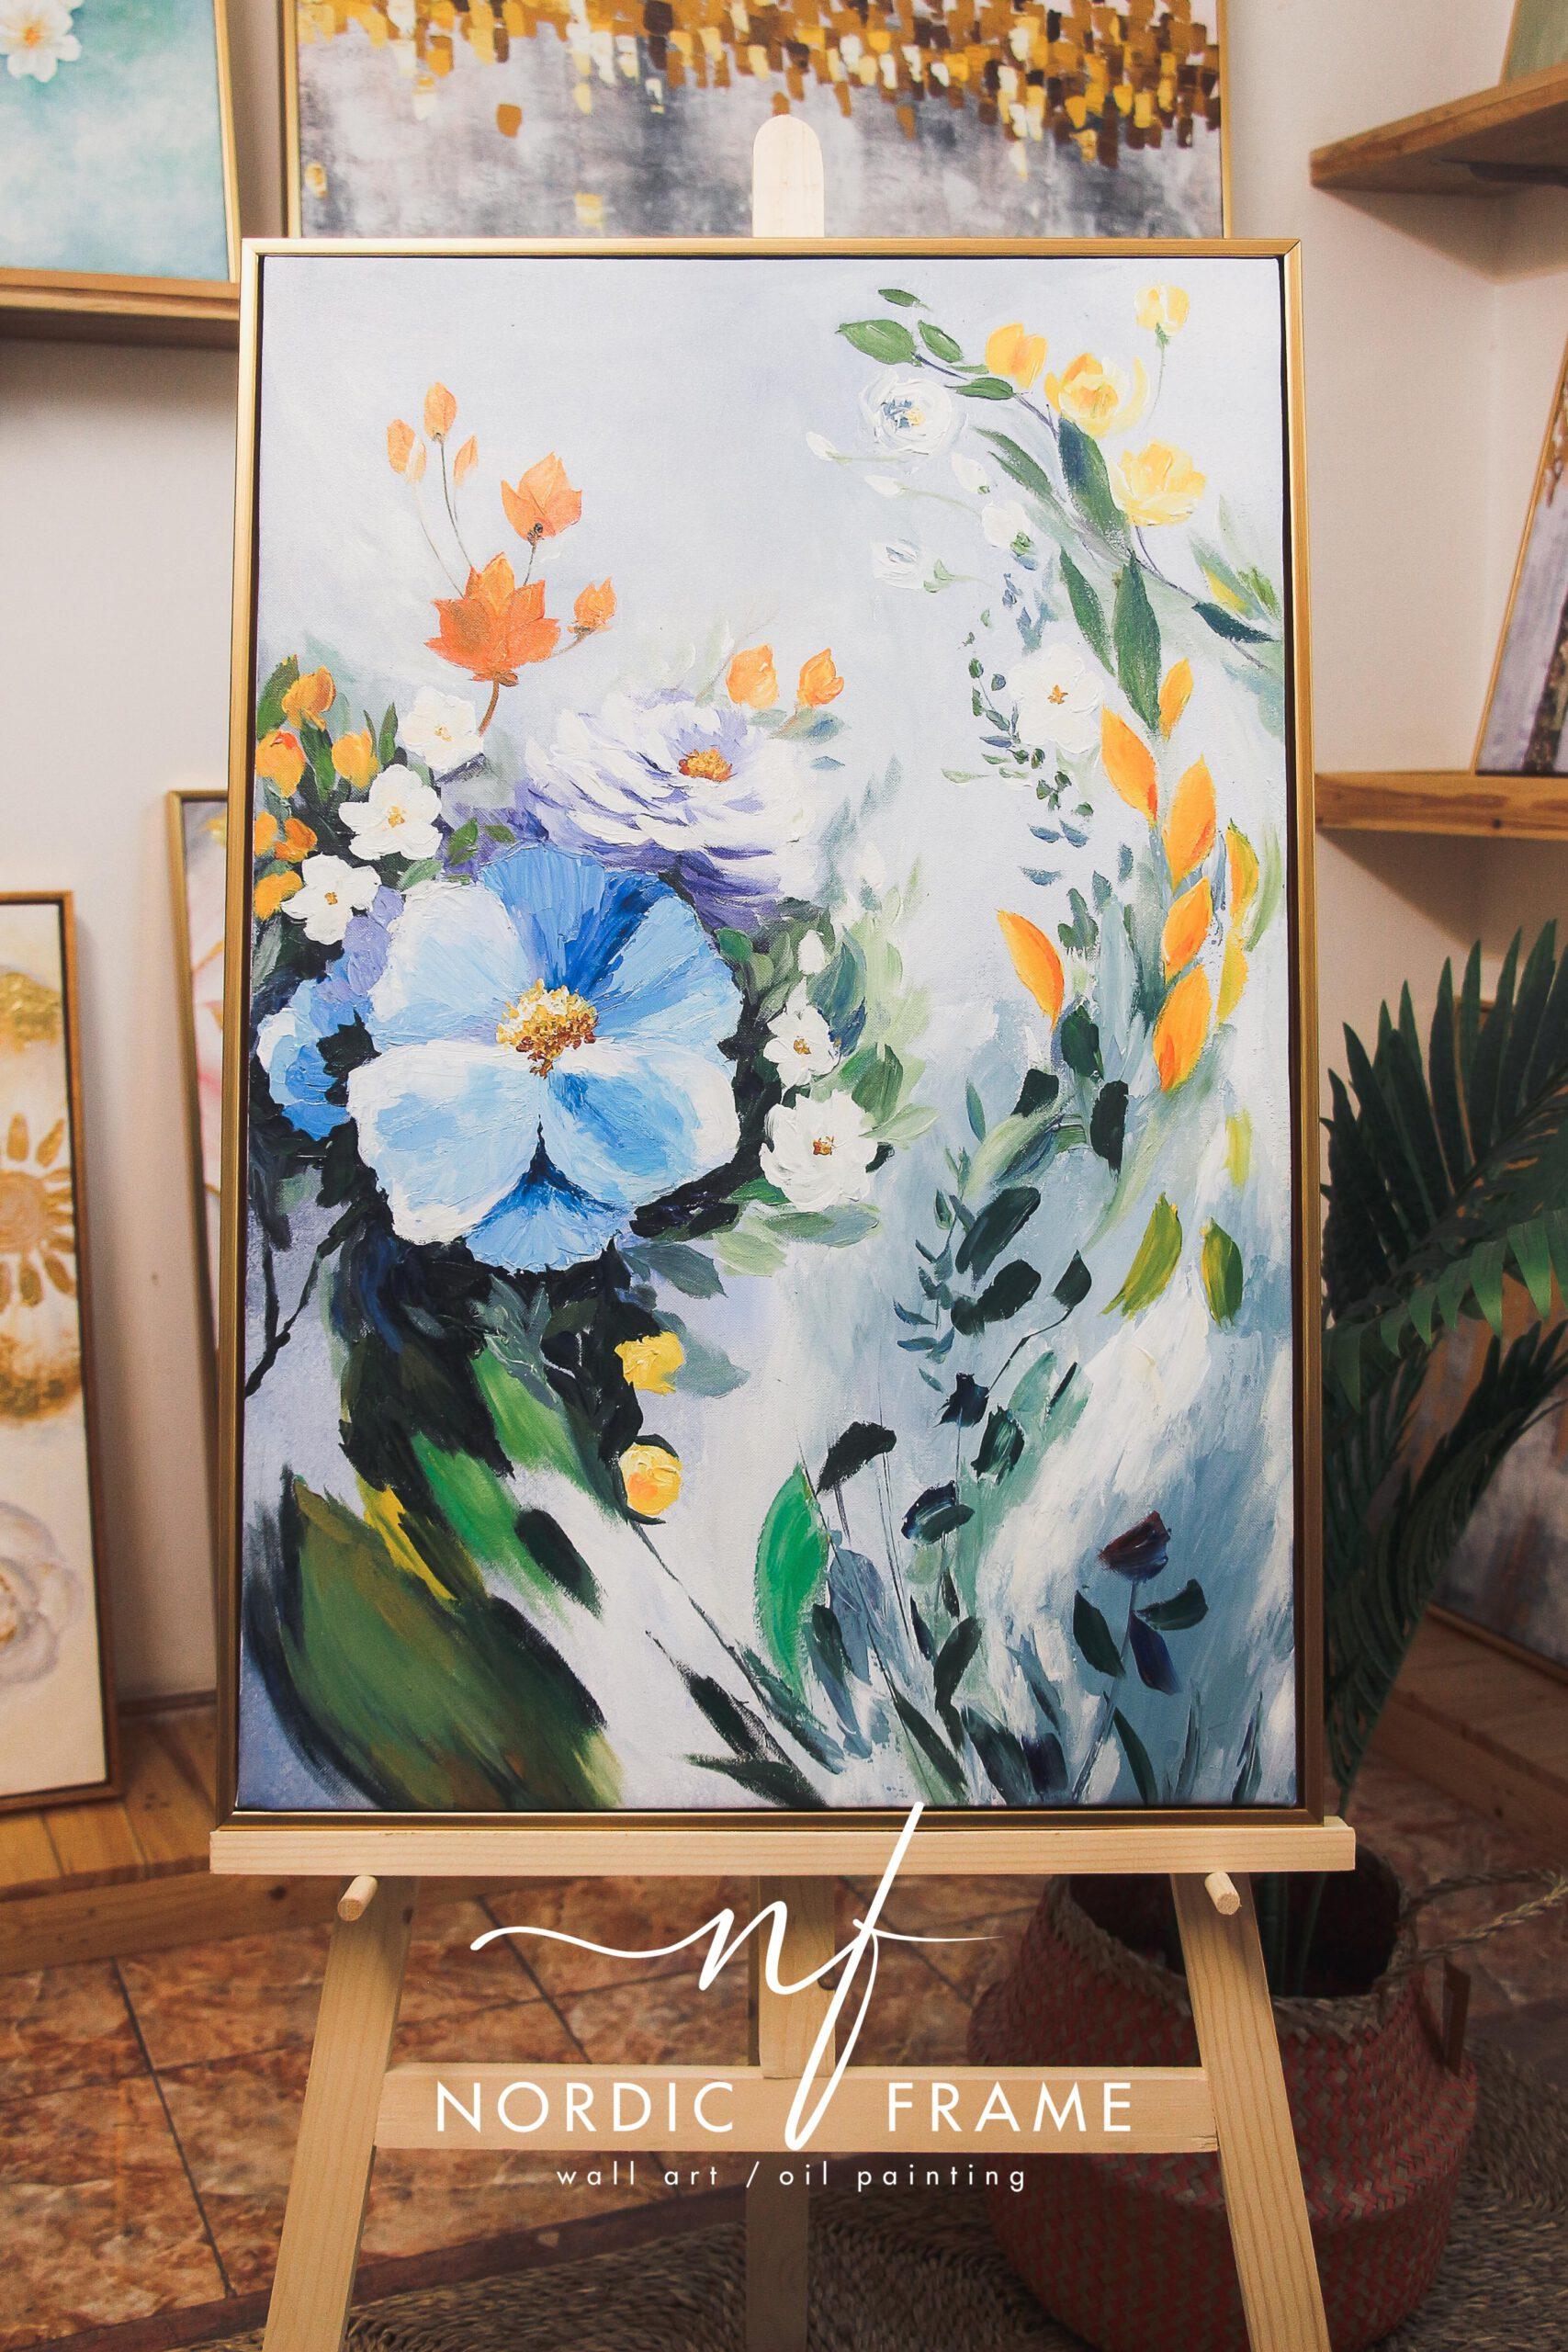 tranh hoa chất liệu sơn dầu